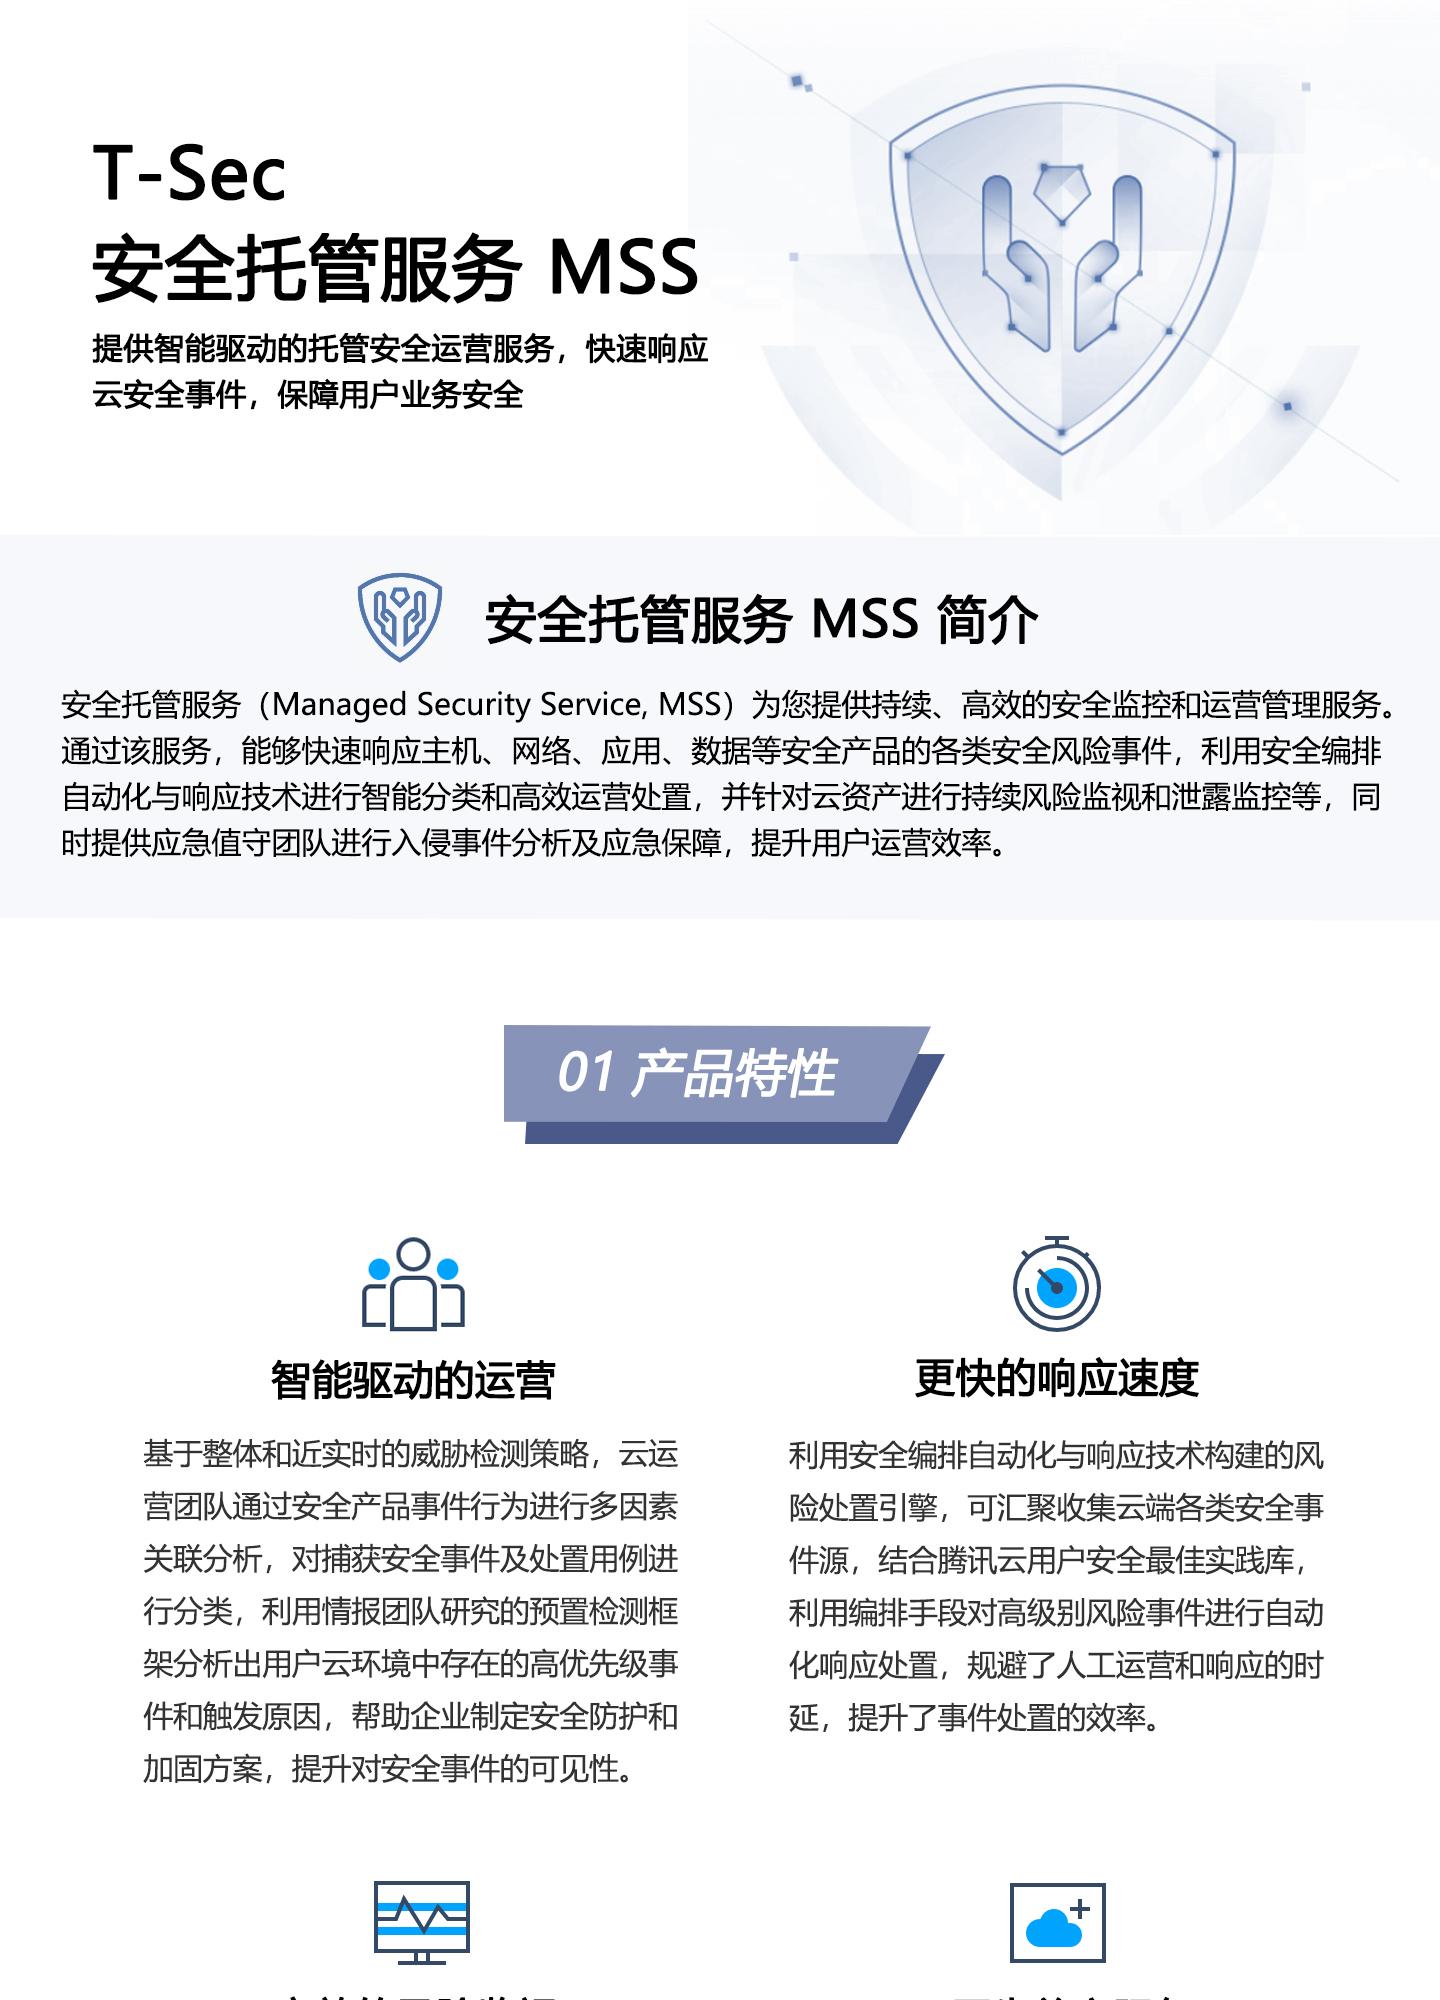 T-Sec-安全托管服务-MSS1440_01.jpg